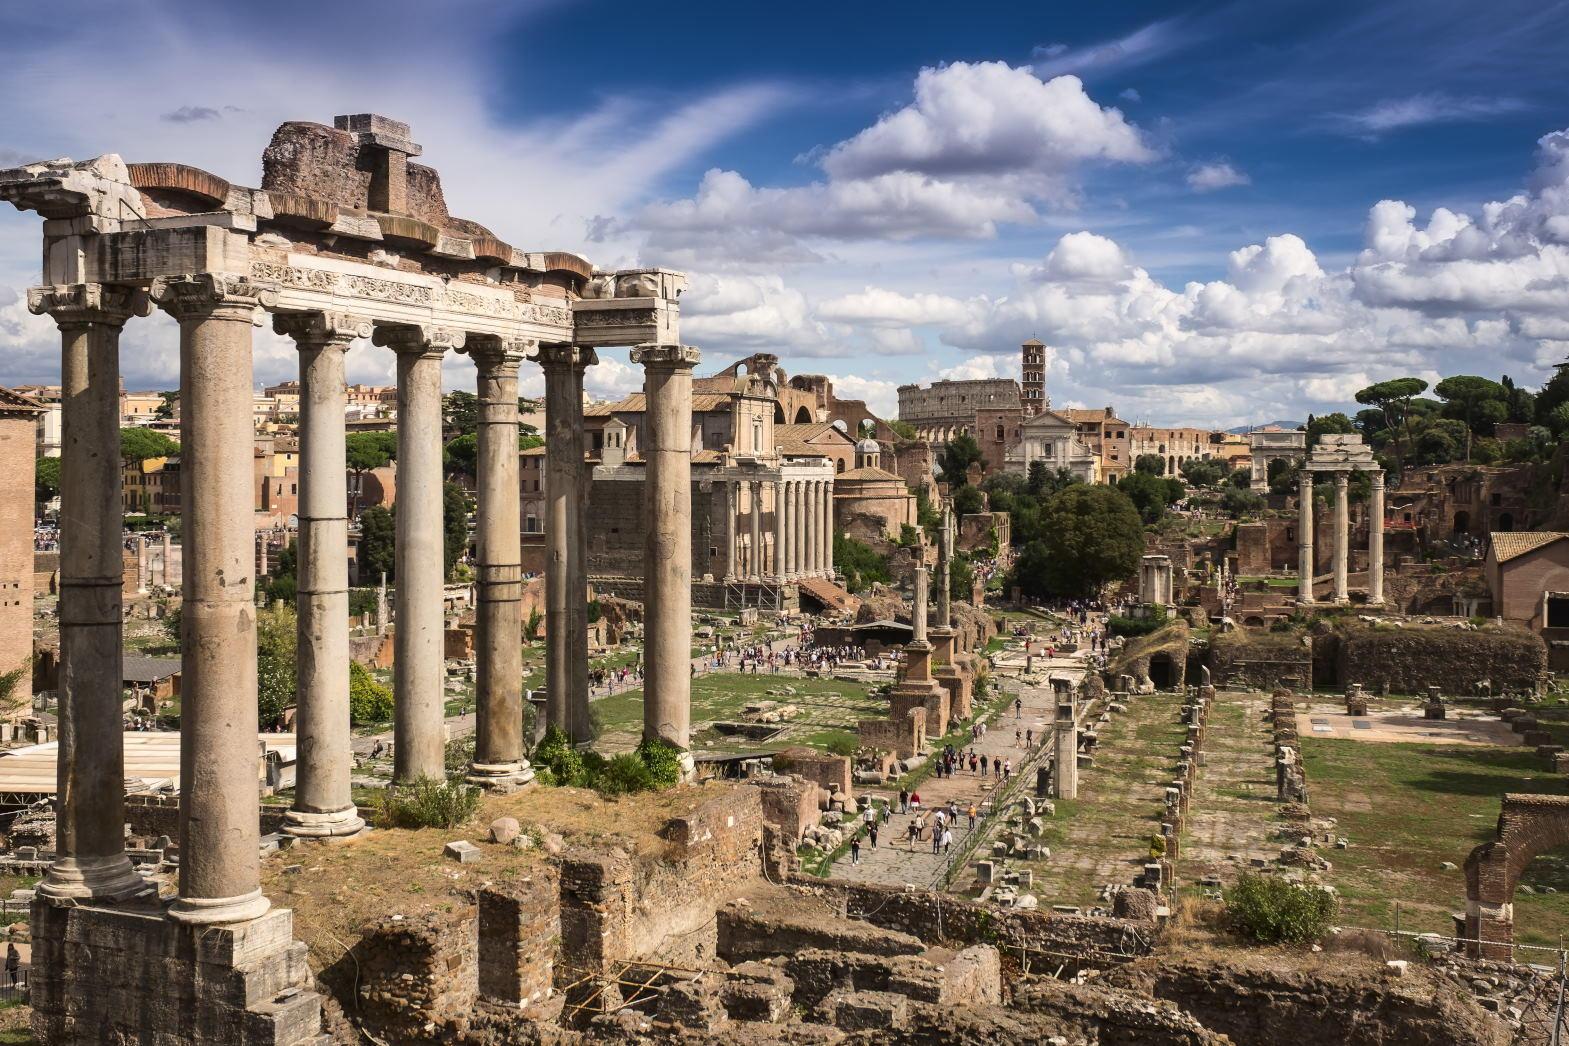 Roma Forumu'na bir bakış. Ön planda görülen yapının adı Saturn Tapınağıdır.